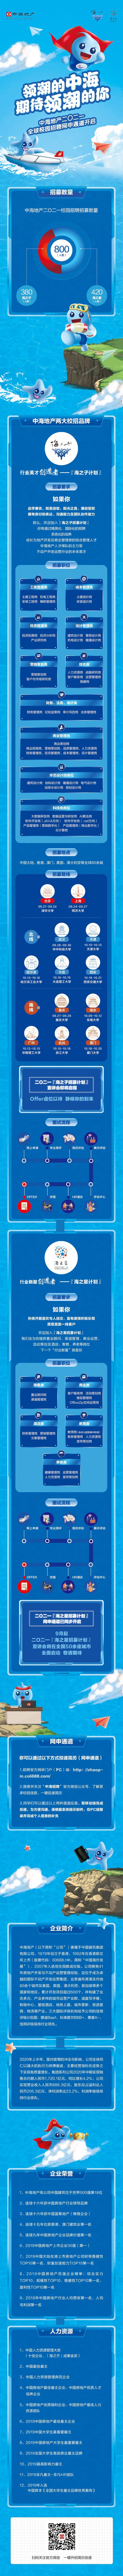 中海地产二〇二一校园招聘网申通道全球开启